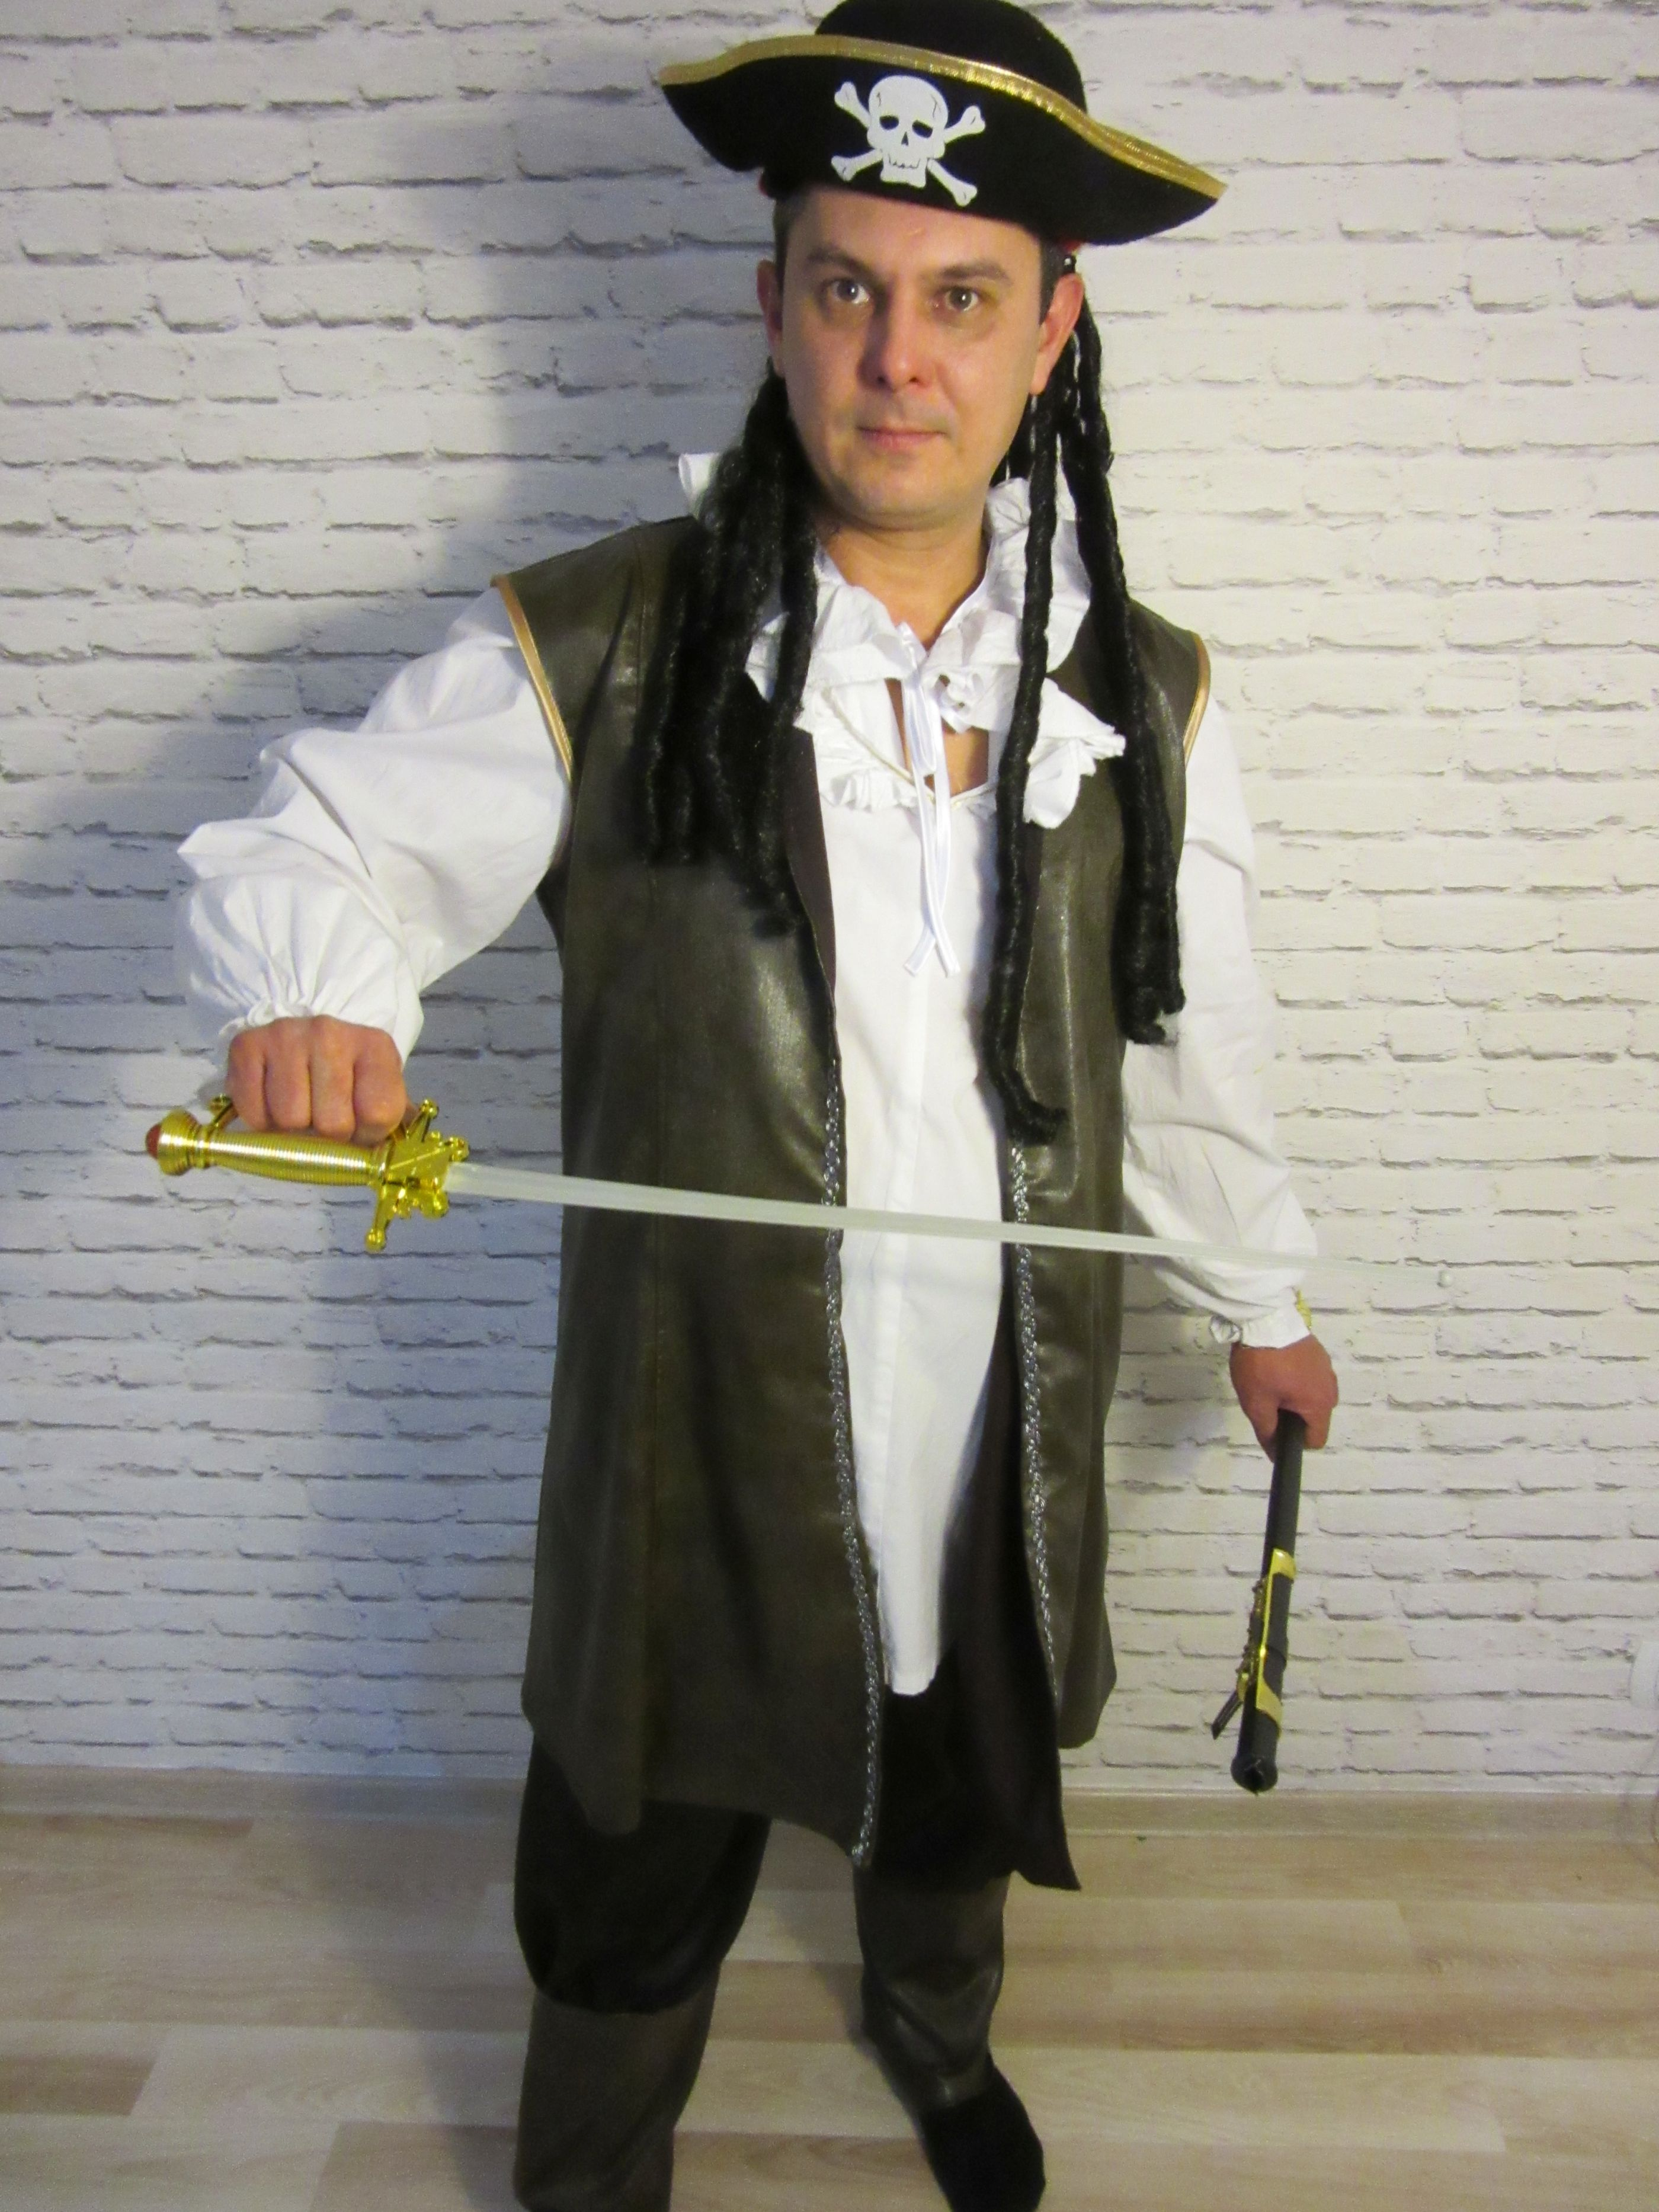 Pirat_Jack_Sparrow